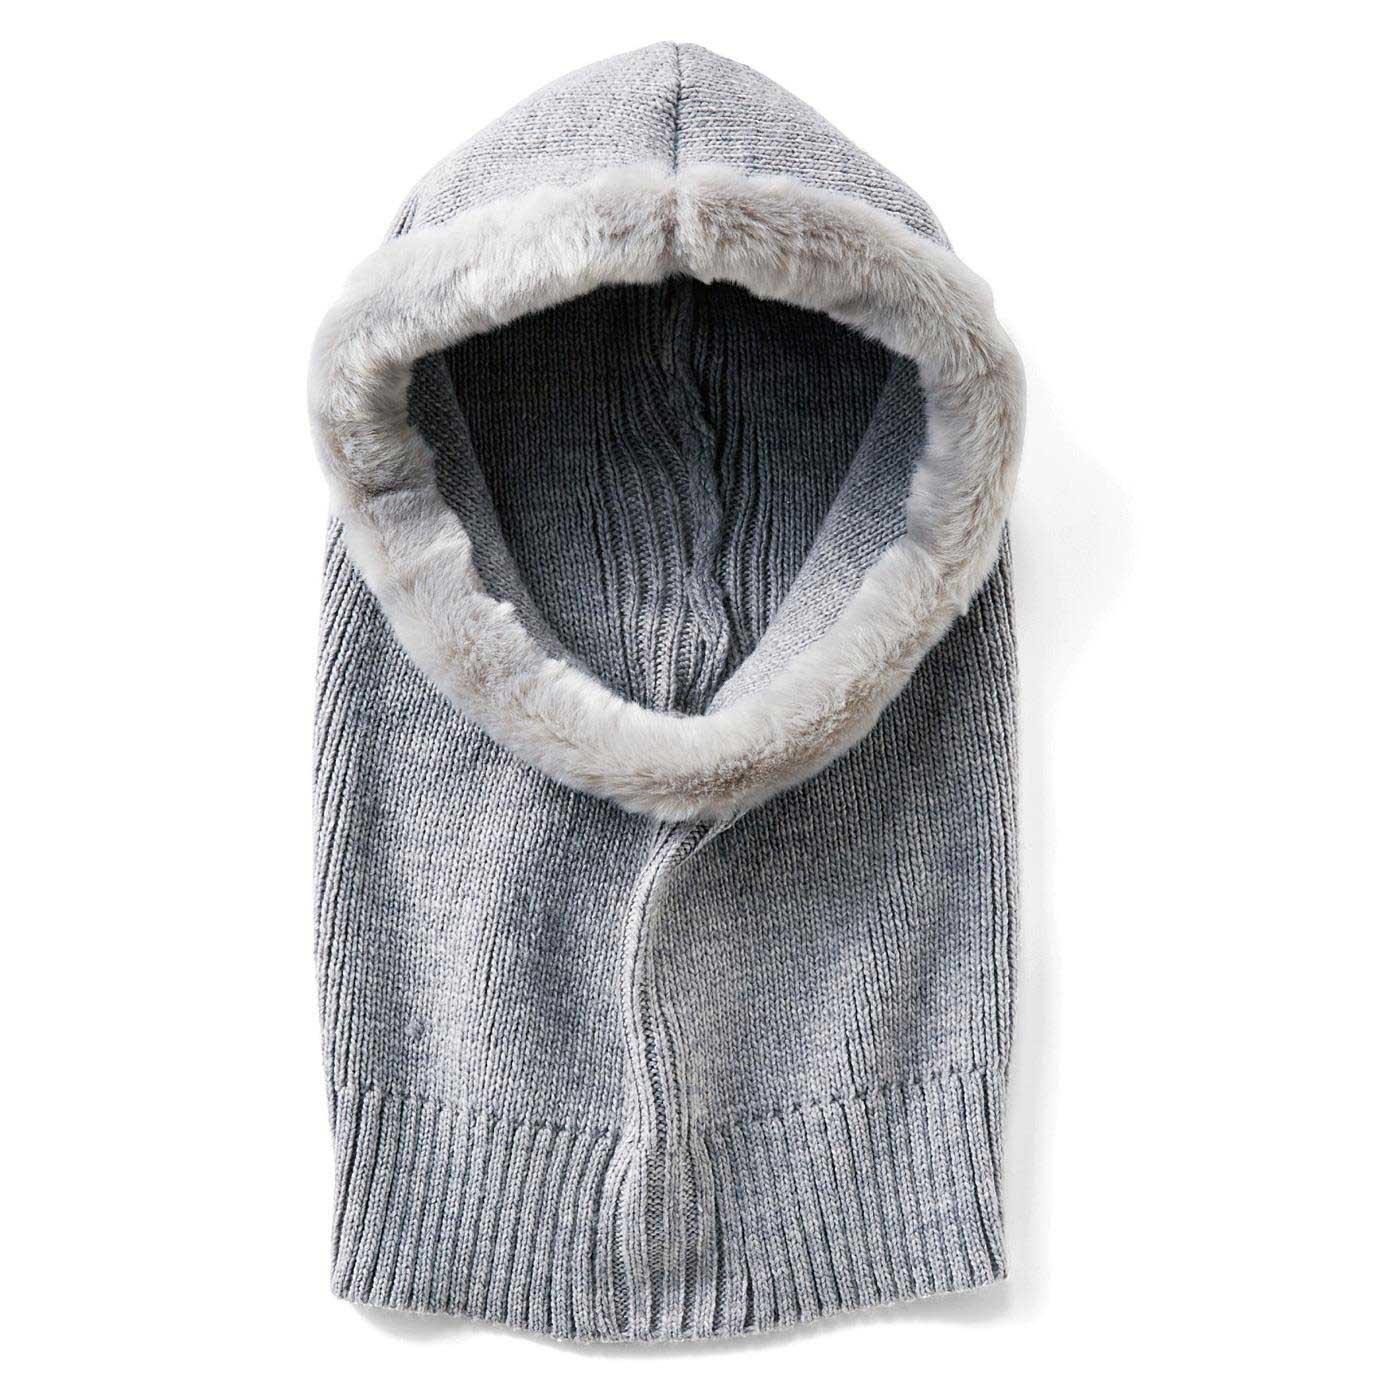 〈杢(もく)グレー〉長めのリブ編みが横にぐ~んと伸びてからだにフィット。